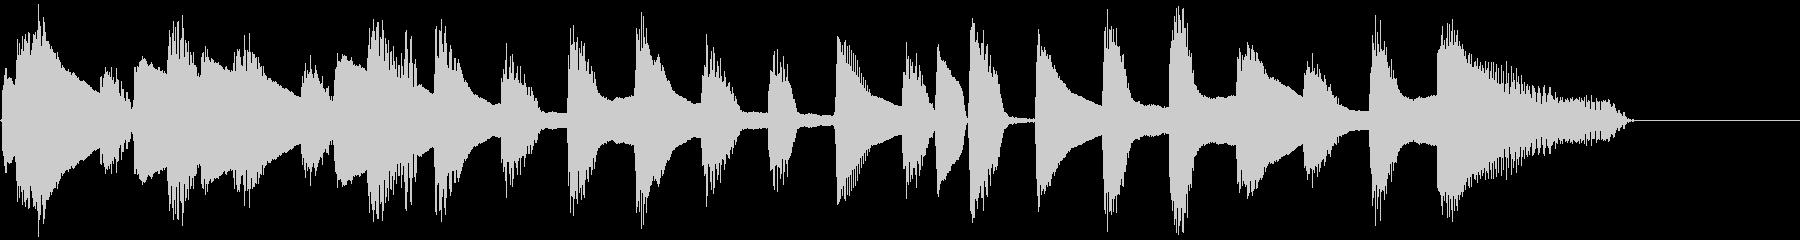 ピアノ・シンプル・ワルツ・クッキングの未再生の波形